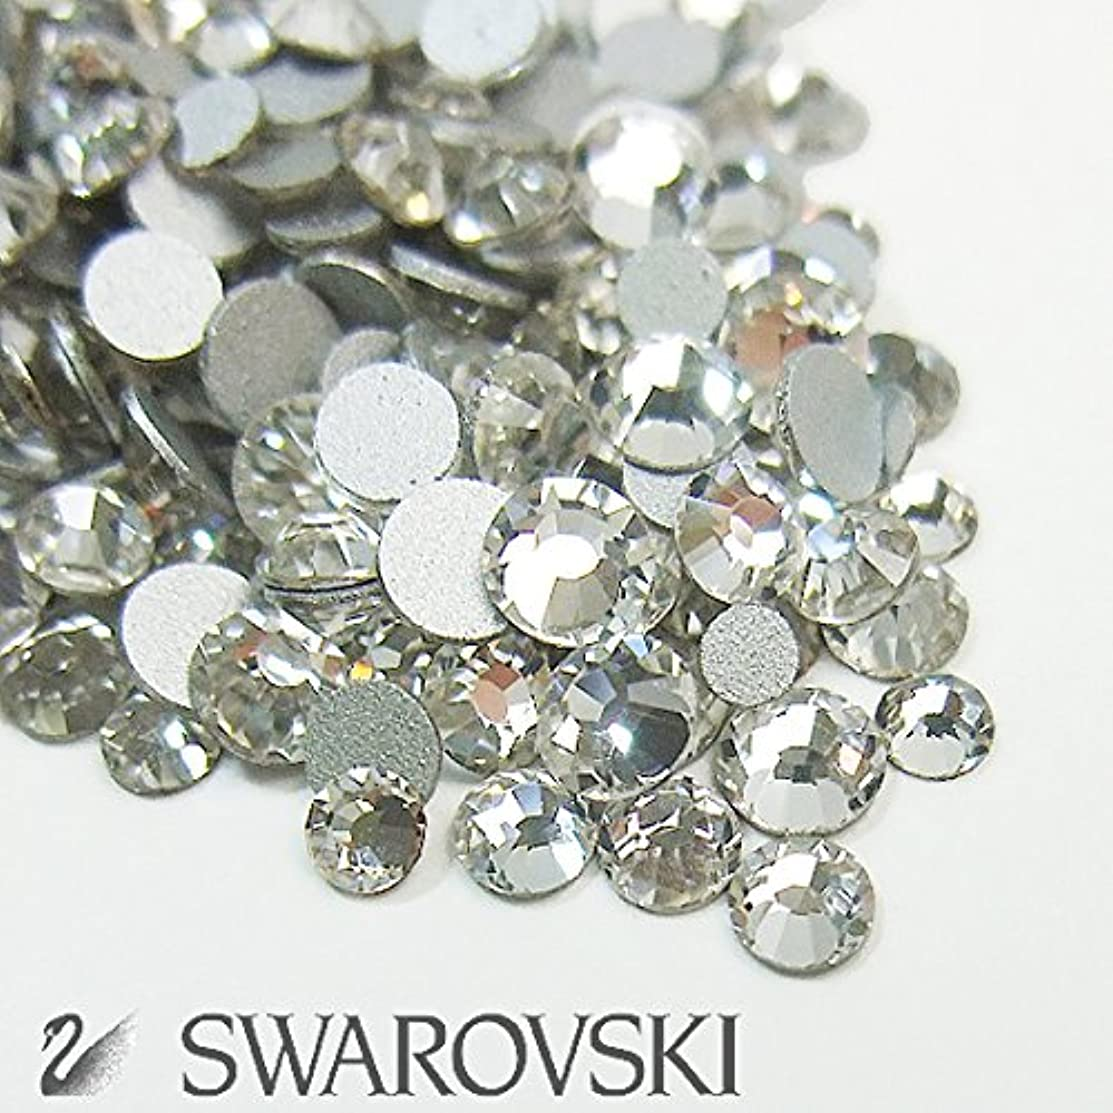 ペグ人形戸棚スワロフスキー(Swarovski) クリスタライズ ラインストーン ネイルサイズMIX (100粒) クリスタル